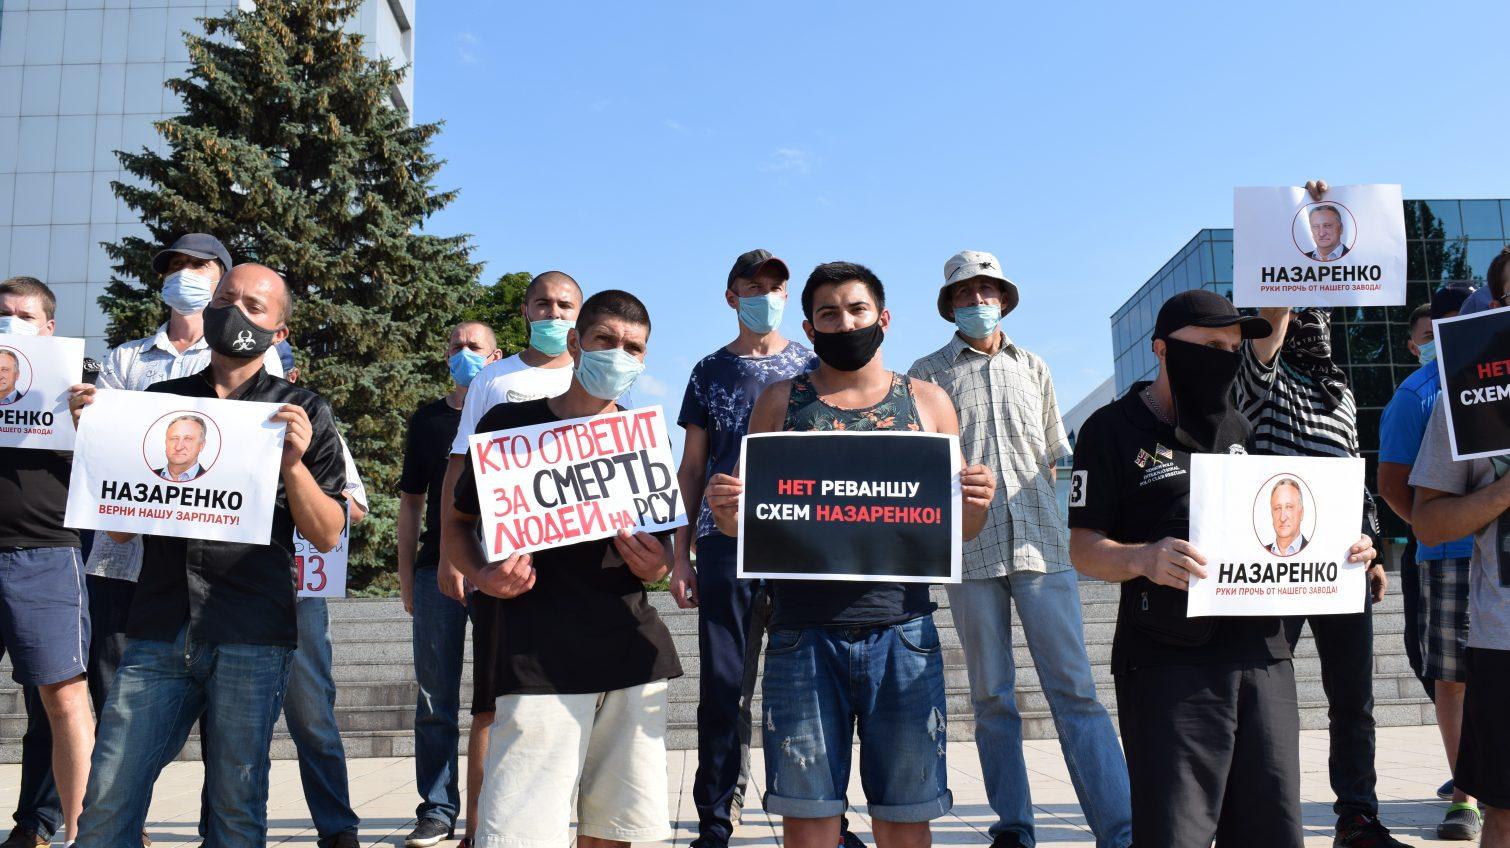 Работники ОПЗ митингуют против возможного возвращения Назаренко (фото) «фото»